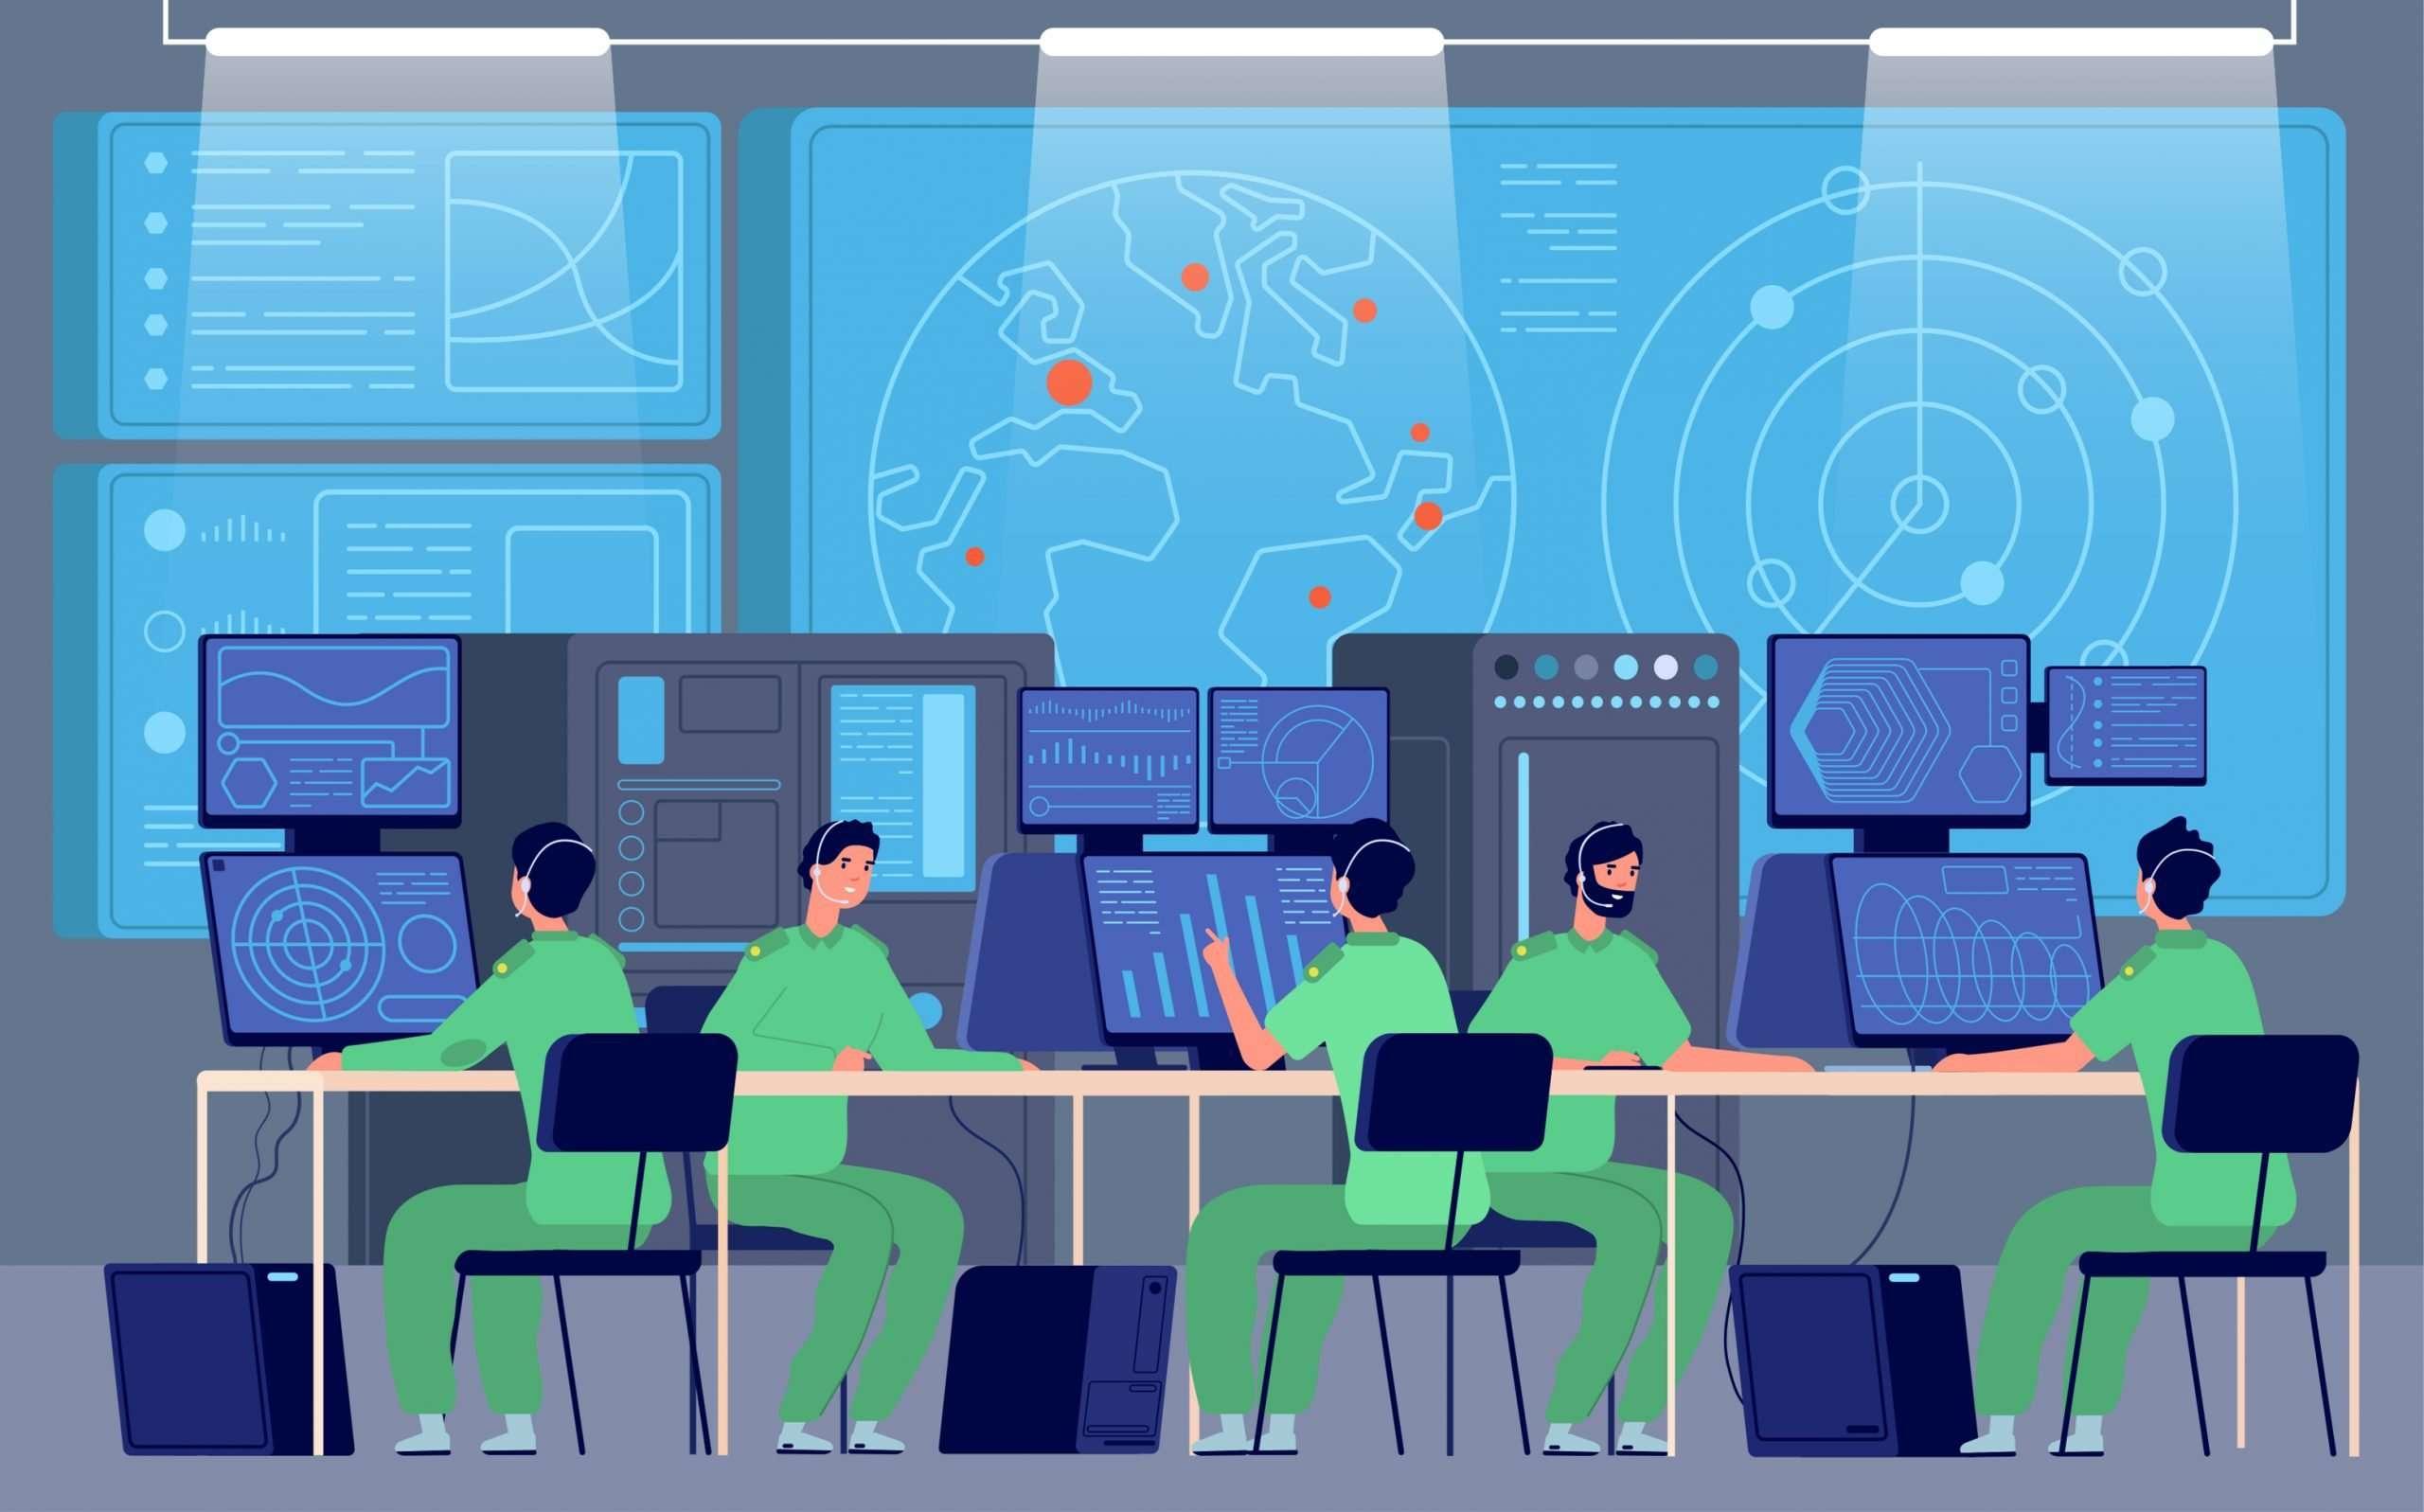 Các phương pháp hay nhất để đào tạo an ninh mạng trong các doanh nghiệp vừa và nhỏ –